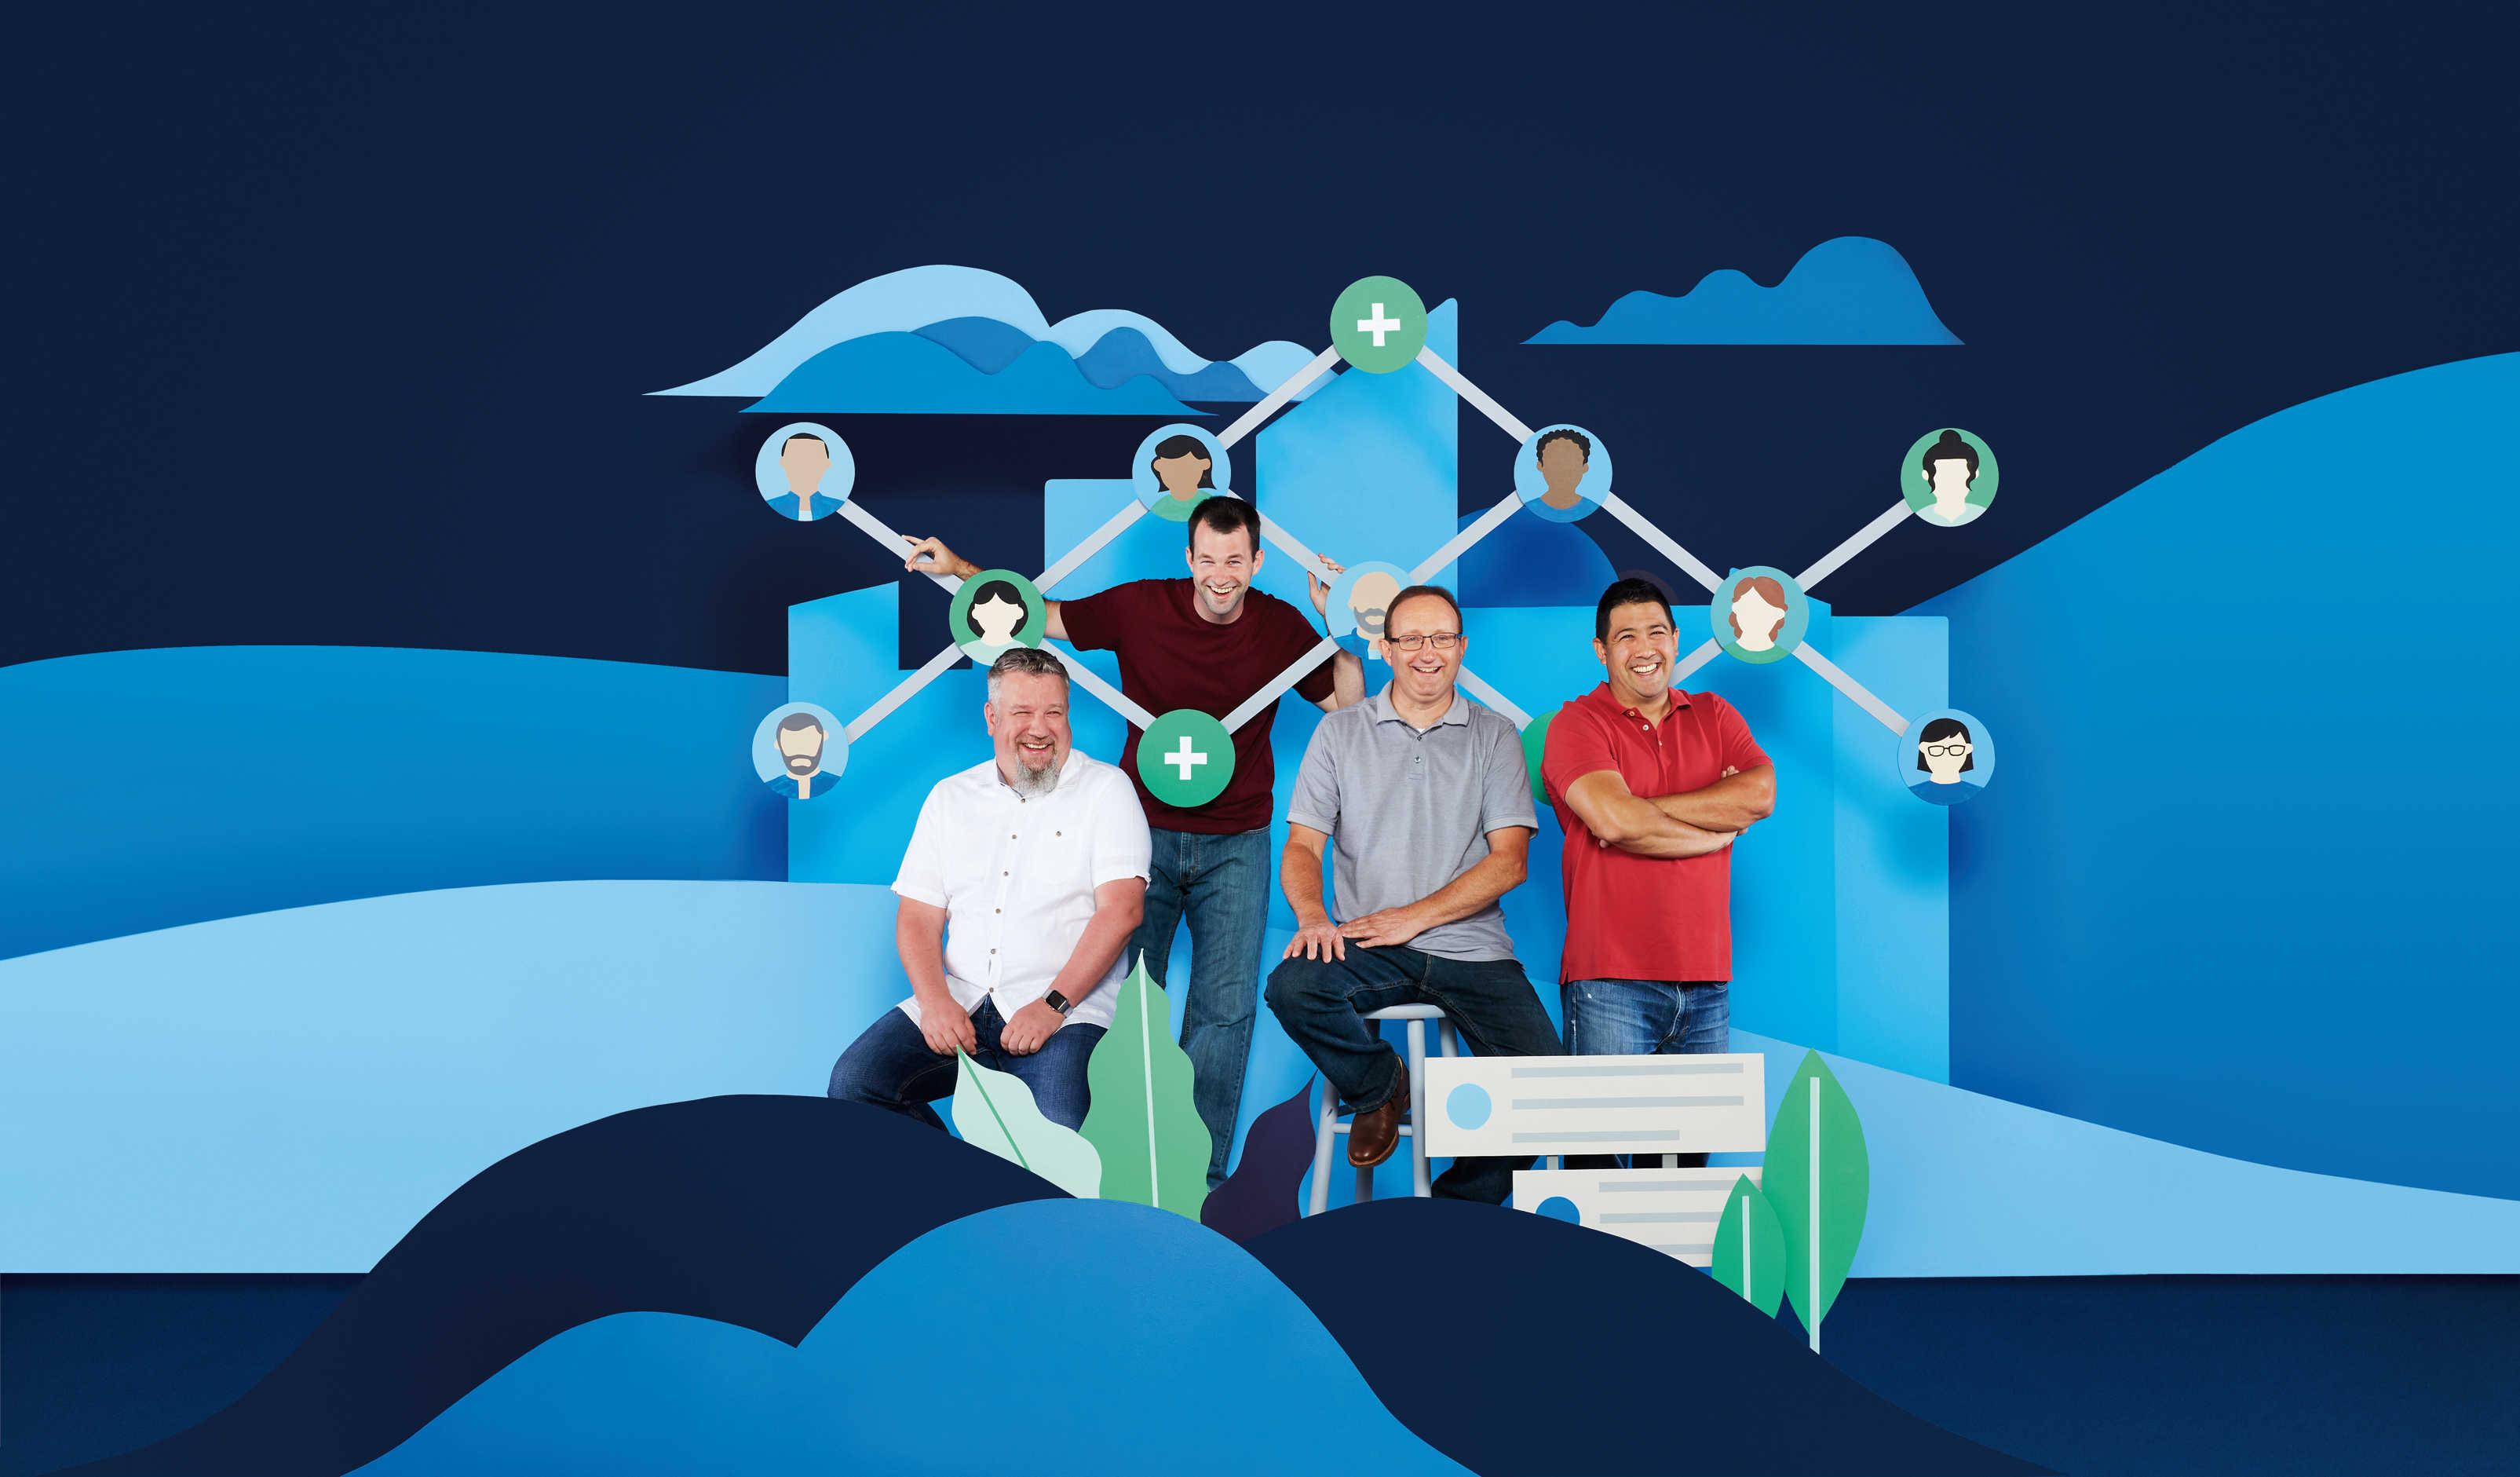 Podívejte se, jak podnikové produkty Atlassian pomohly síti LinkedIn získat 500 milionů členů